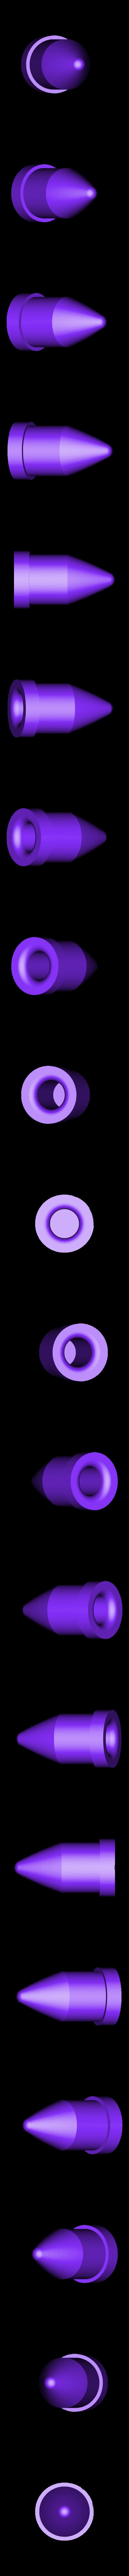 Nose_Cone_Impact_Head.stl Download free STL file Go Pro Cannon Cam • 3D printer model, MAKE